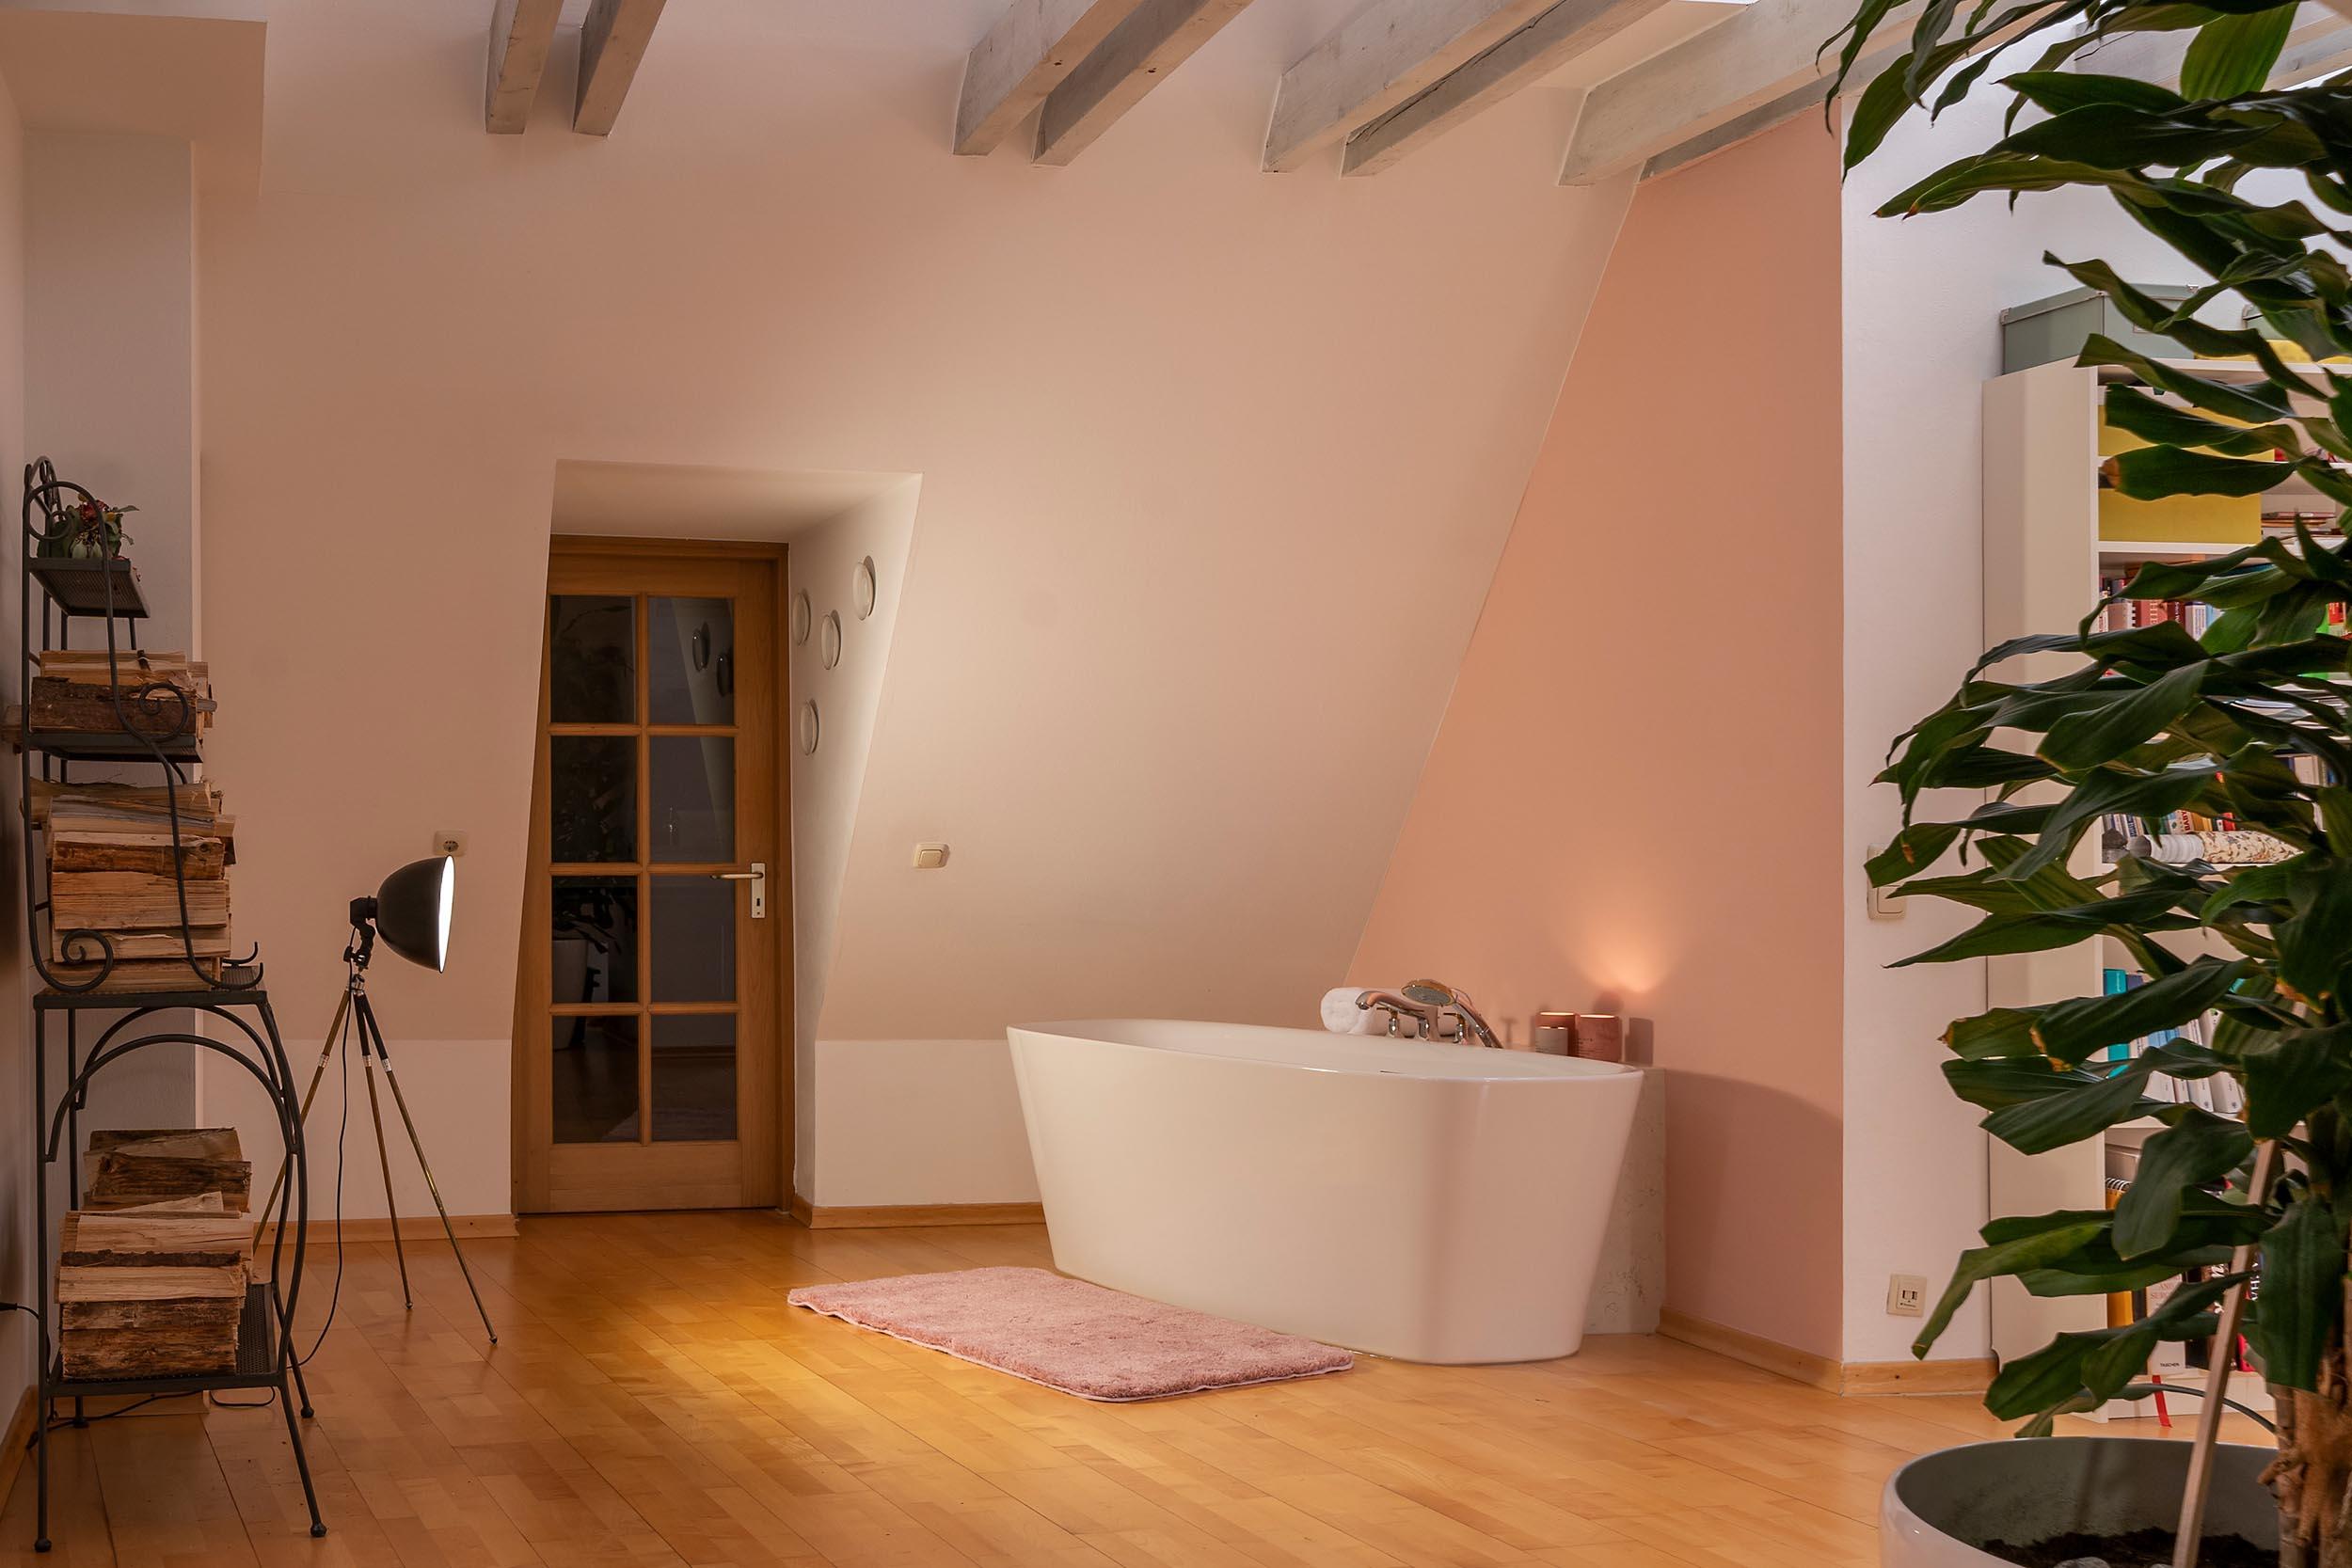 Titel freistehende badewanne ausserhalb des Badezimmers